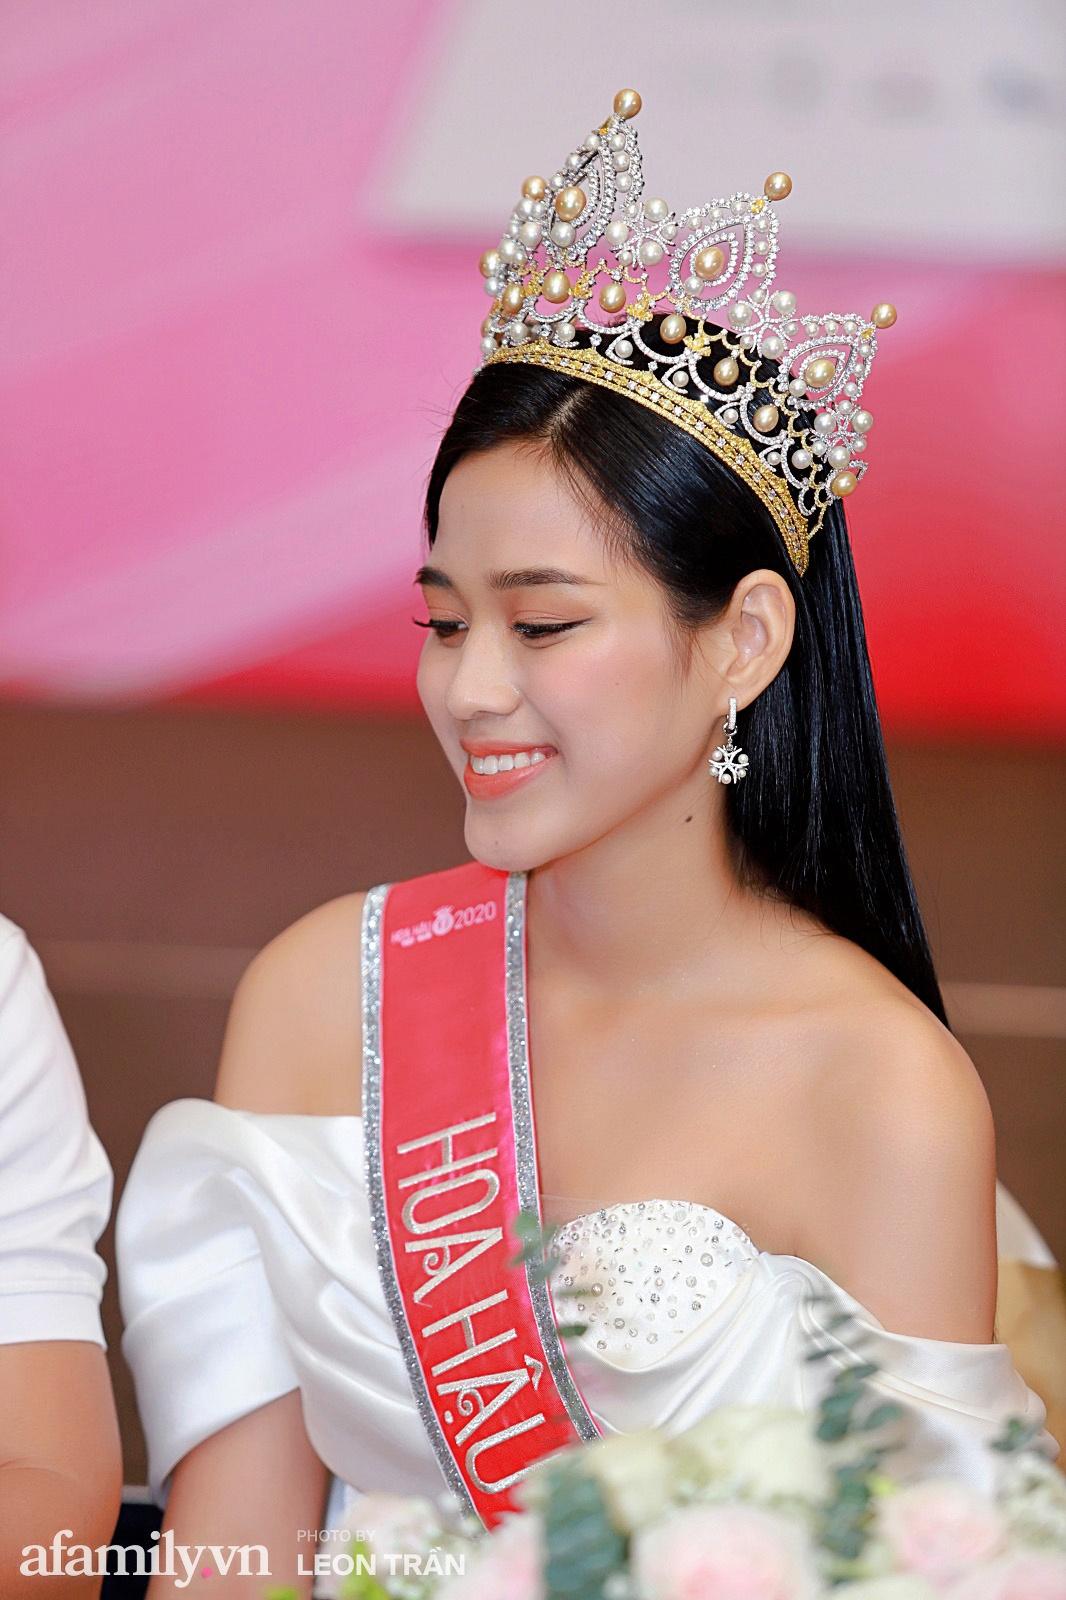 Ngoài hàm răng không đều, Tân Hoa hậu Đỗ Thị Hà còn có thêm một nhược điểm nhan sắc mà để ý kỹ mới nhận ra-4